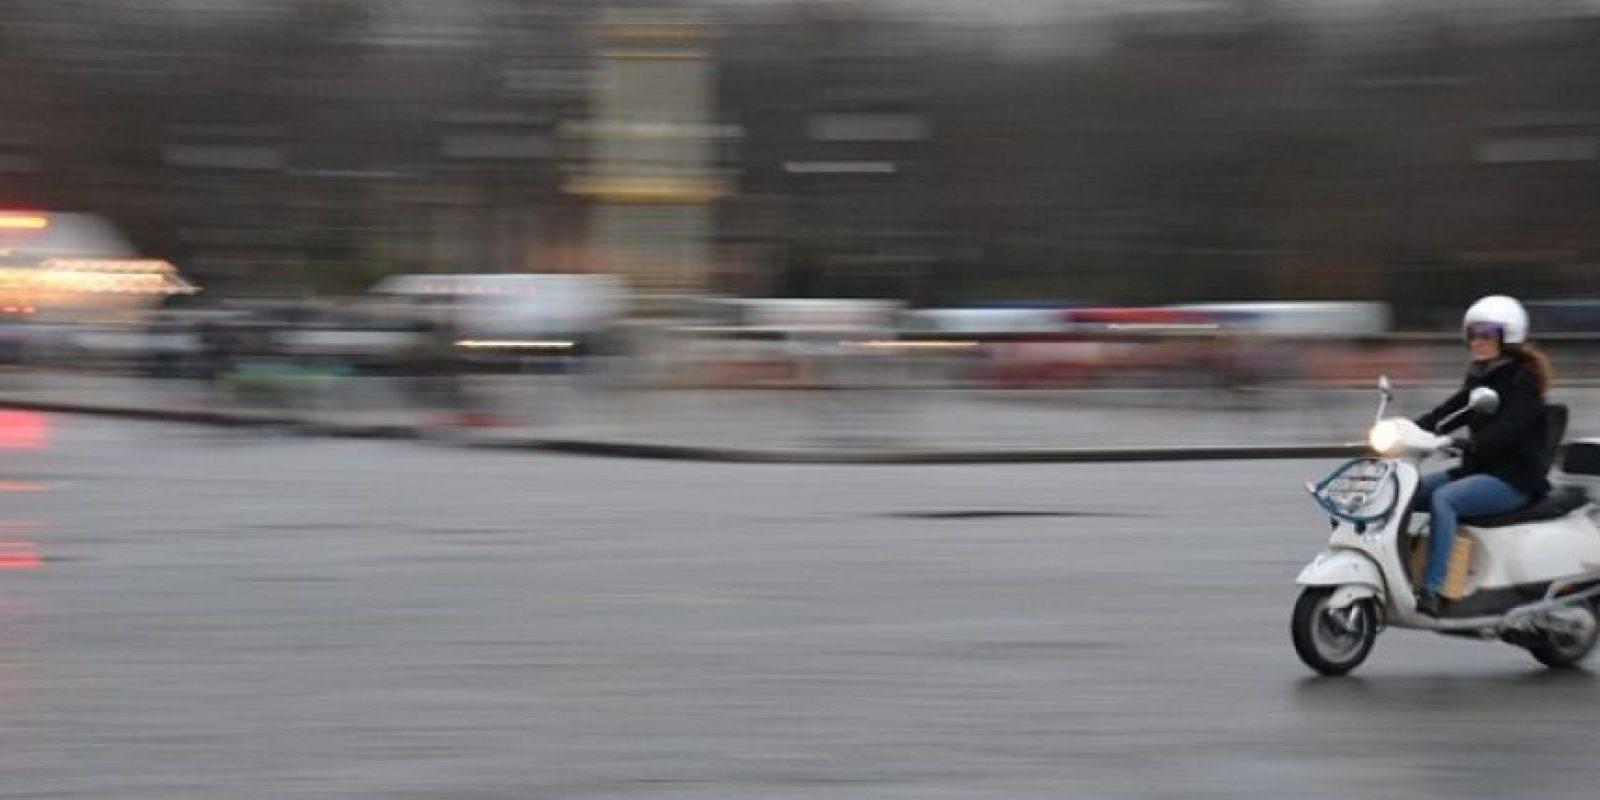 Traten de practicar la maniobra de frenado en una zona segura y despejada para que a la hora de una emergencia, pueda hacerlo sin problemas. Foto:Tumblr